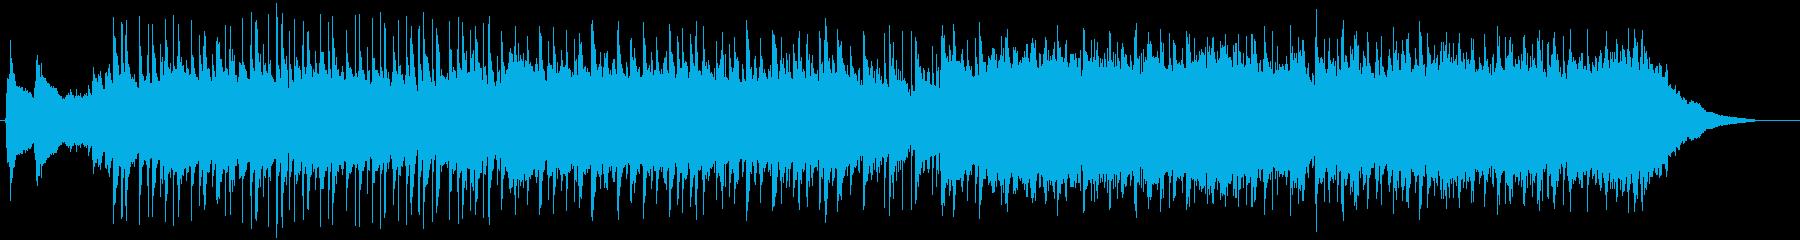 企業VPやCM用ポップでコミカルな曲の再生済みの波形